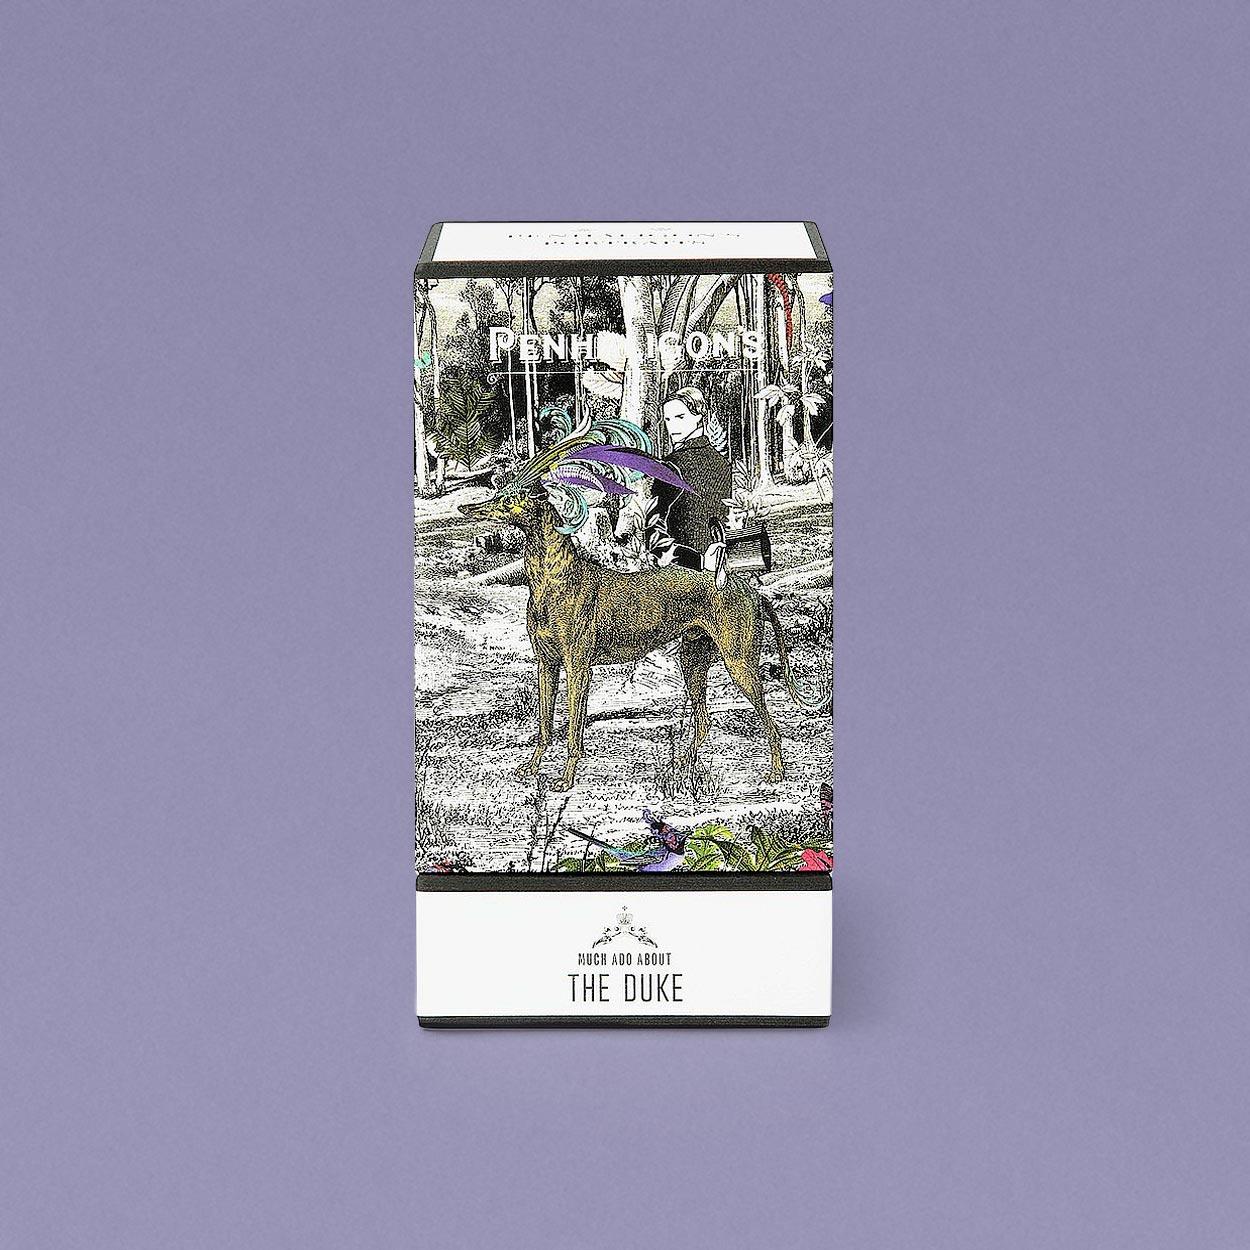 Portraits - The Duke packaging design